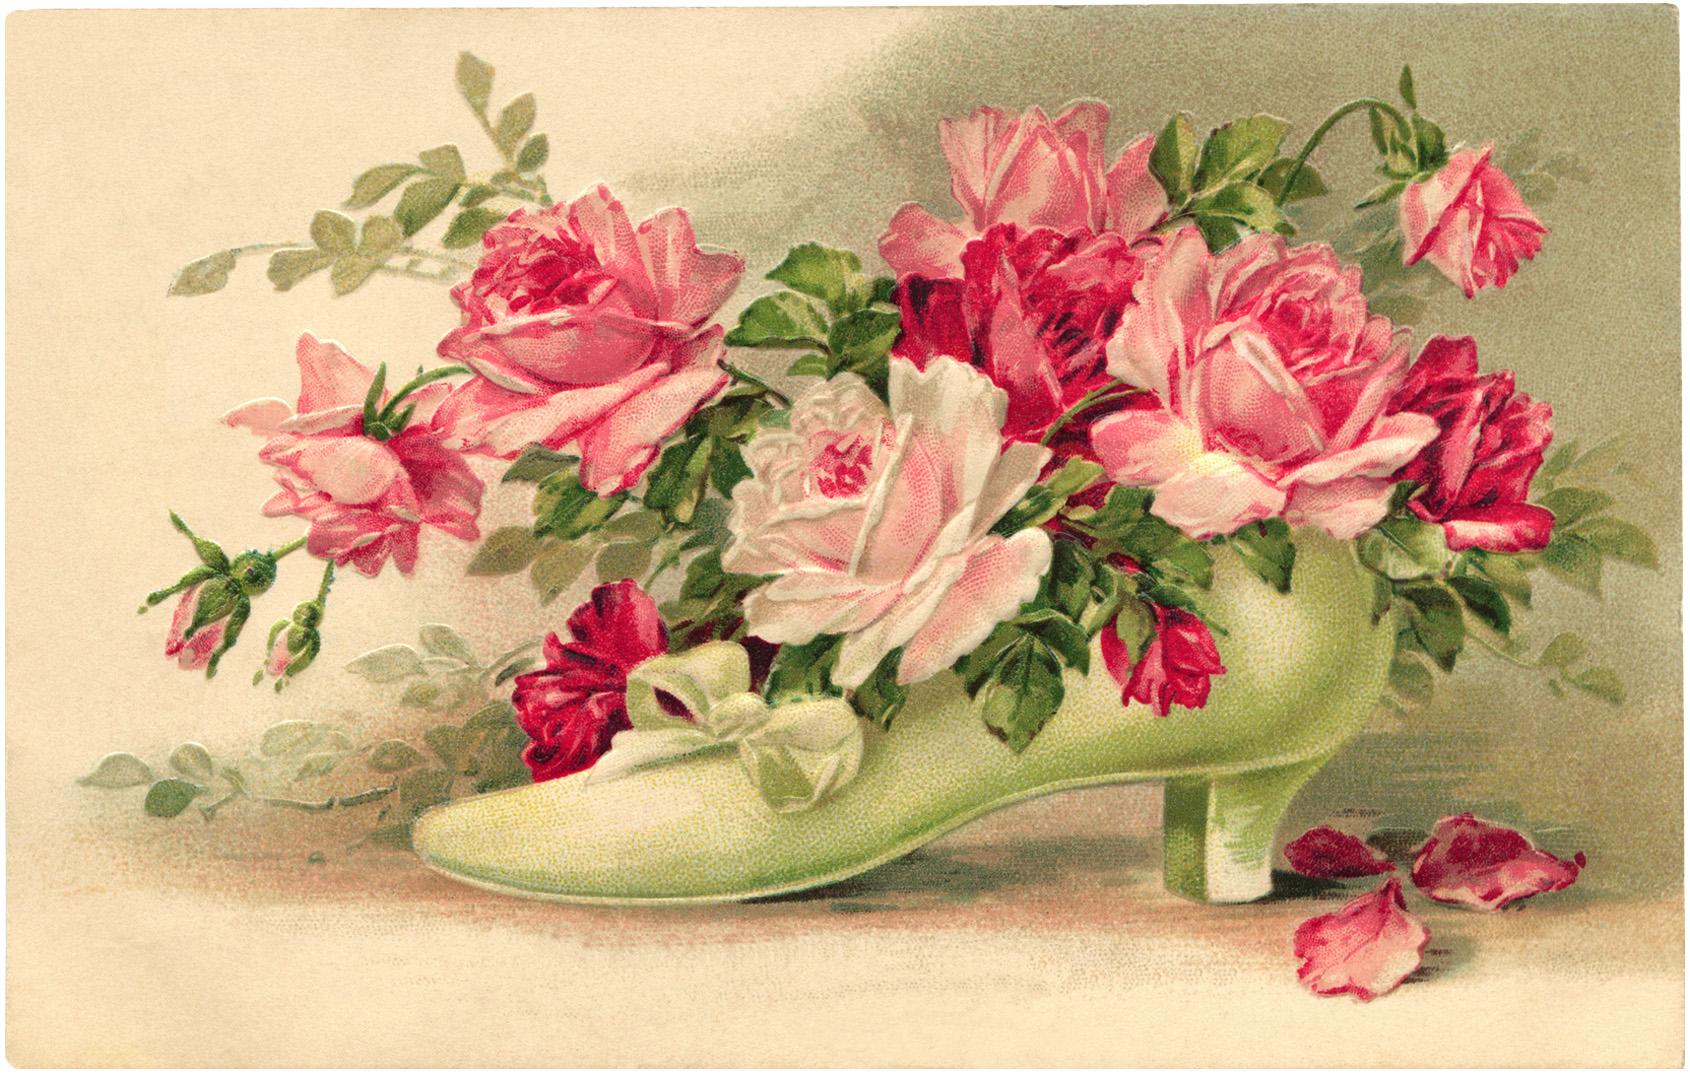 аналог фото старинных открыток с цветами помните